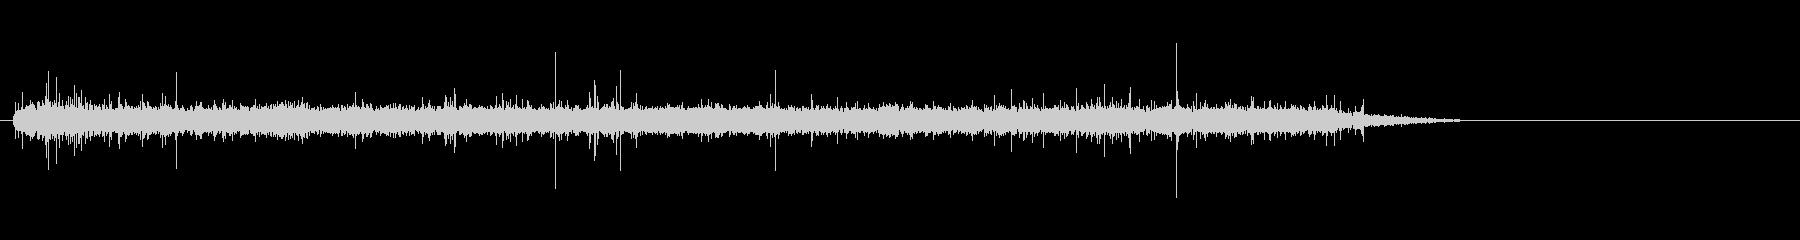 クツクツ(煮える音)2の未再生の波形